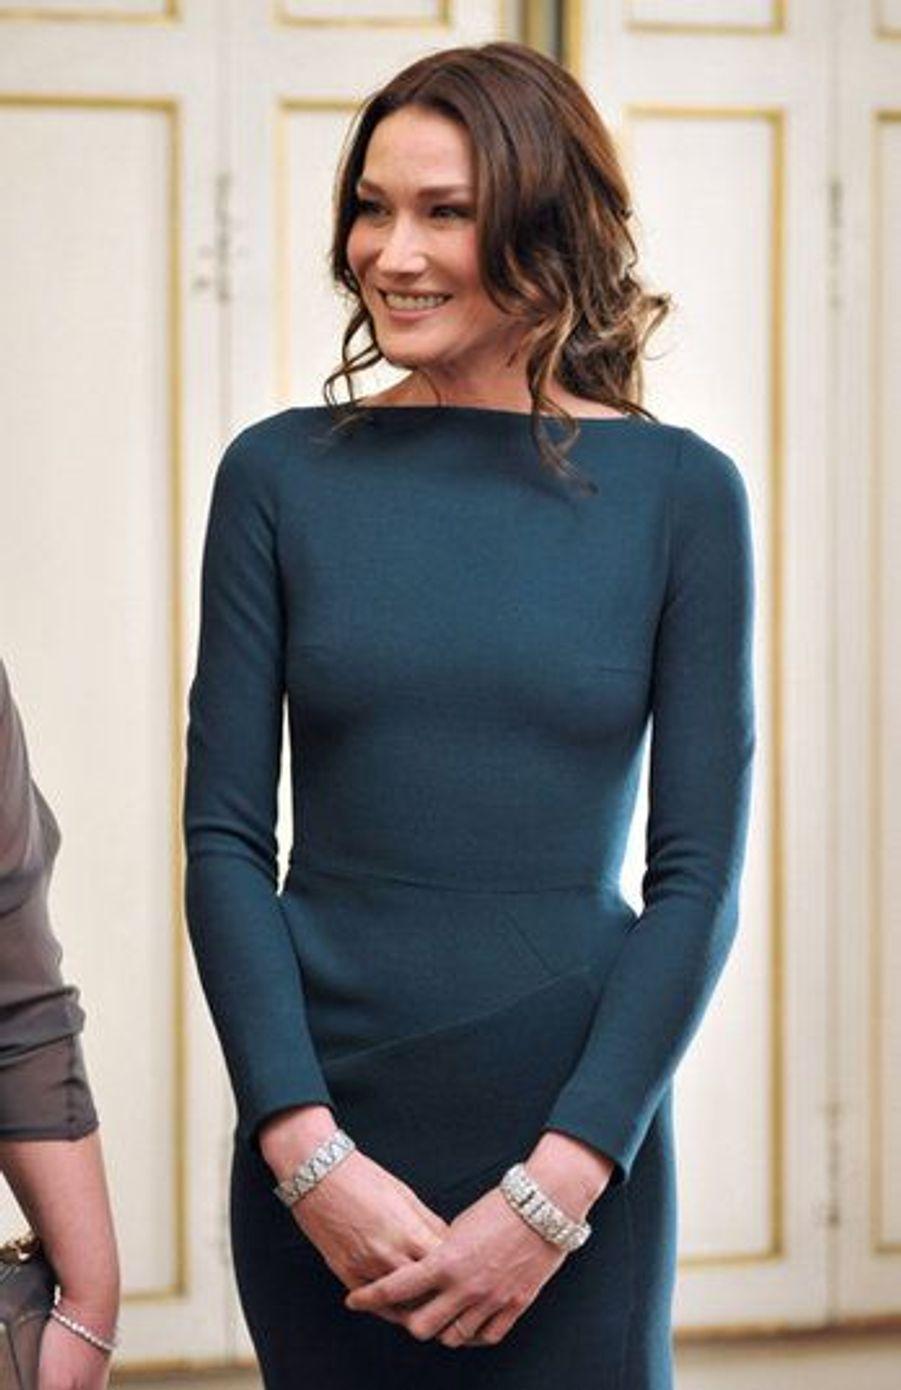 En mars 2010, la presse anglo-saxonne n'a pas été tendre envers Carla Brun-Sarkozy, remarquant que la première Dame de France ne portait pas de soutien-gorge dans sa magnifique robe moulante du créateur Roland Moulet.